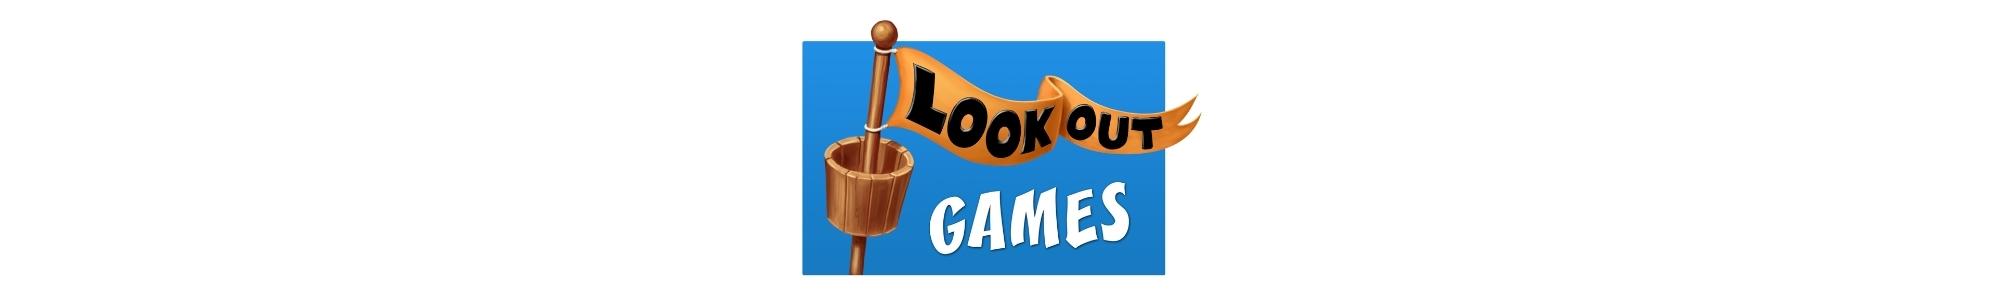 Lookout games - juegos de mesa